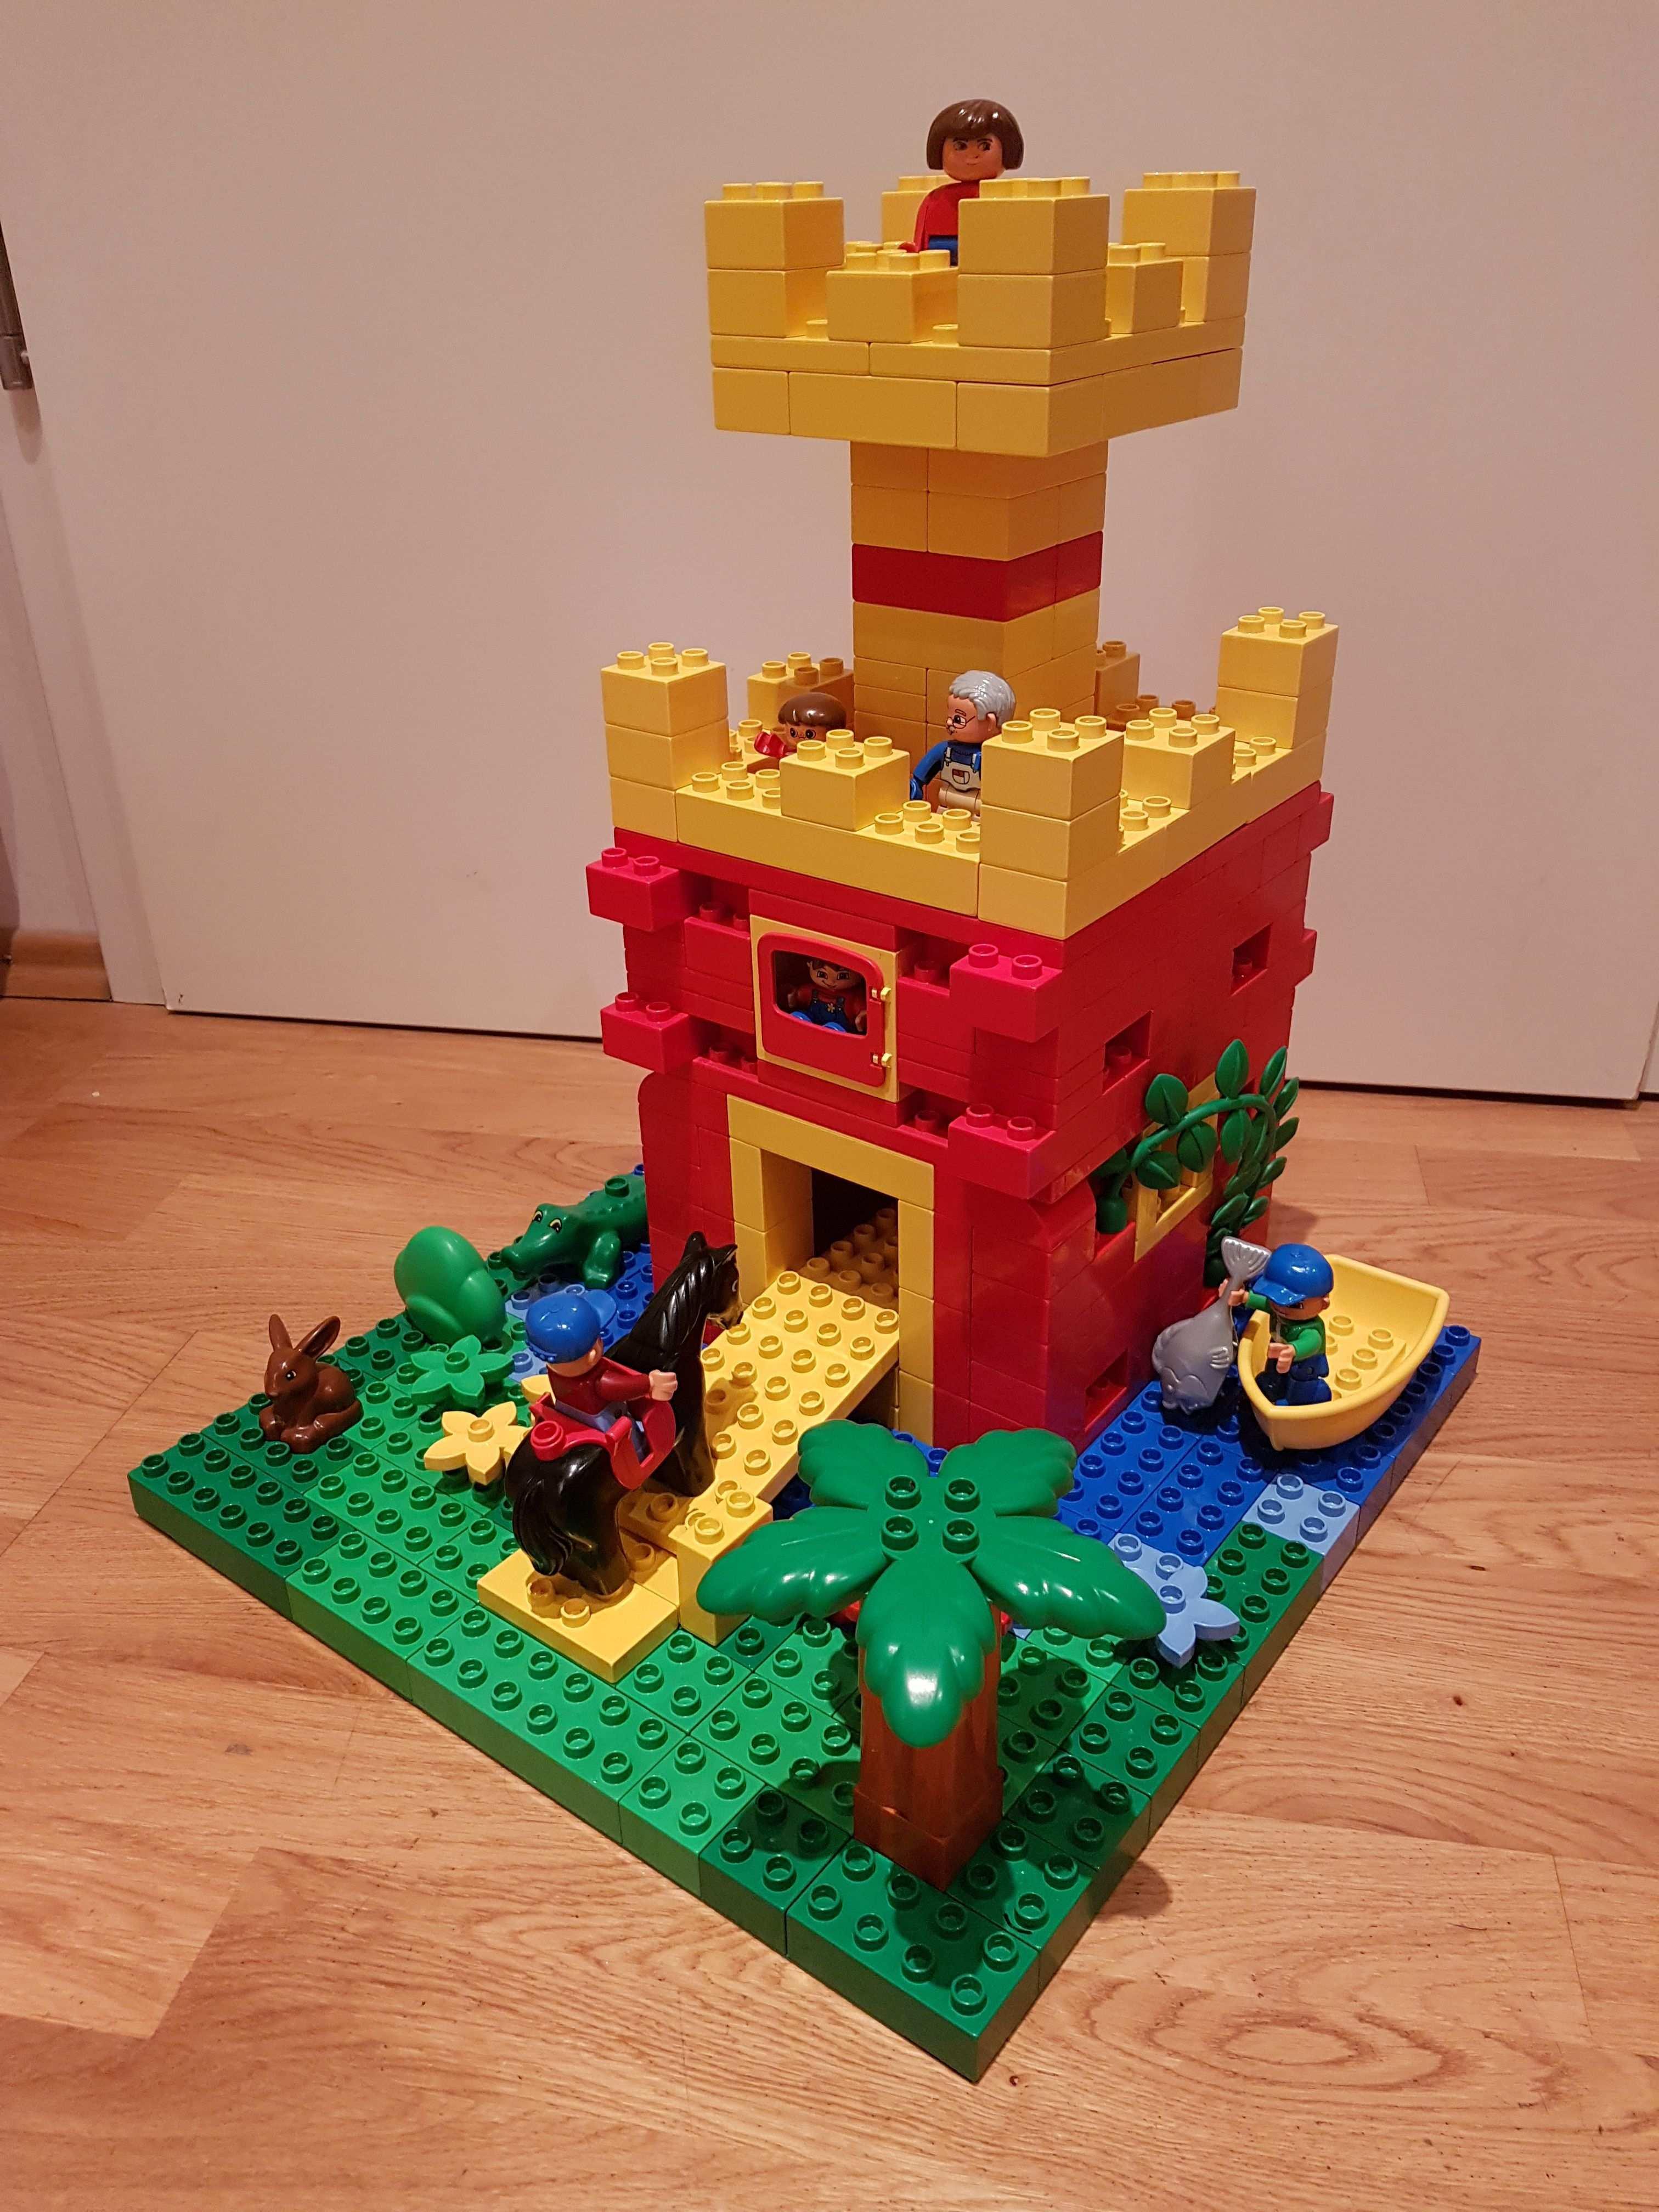 Hier Siehst Du Eine Burg Ritterburg Aus Lego Duplo Diese Und Weitere Bauideen Gibt Es Auf Brickaddict De Einem Blog Lego Bauideen Lego Duplo Lego Kreativ